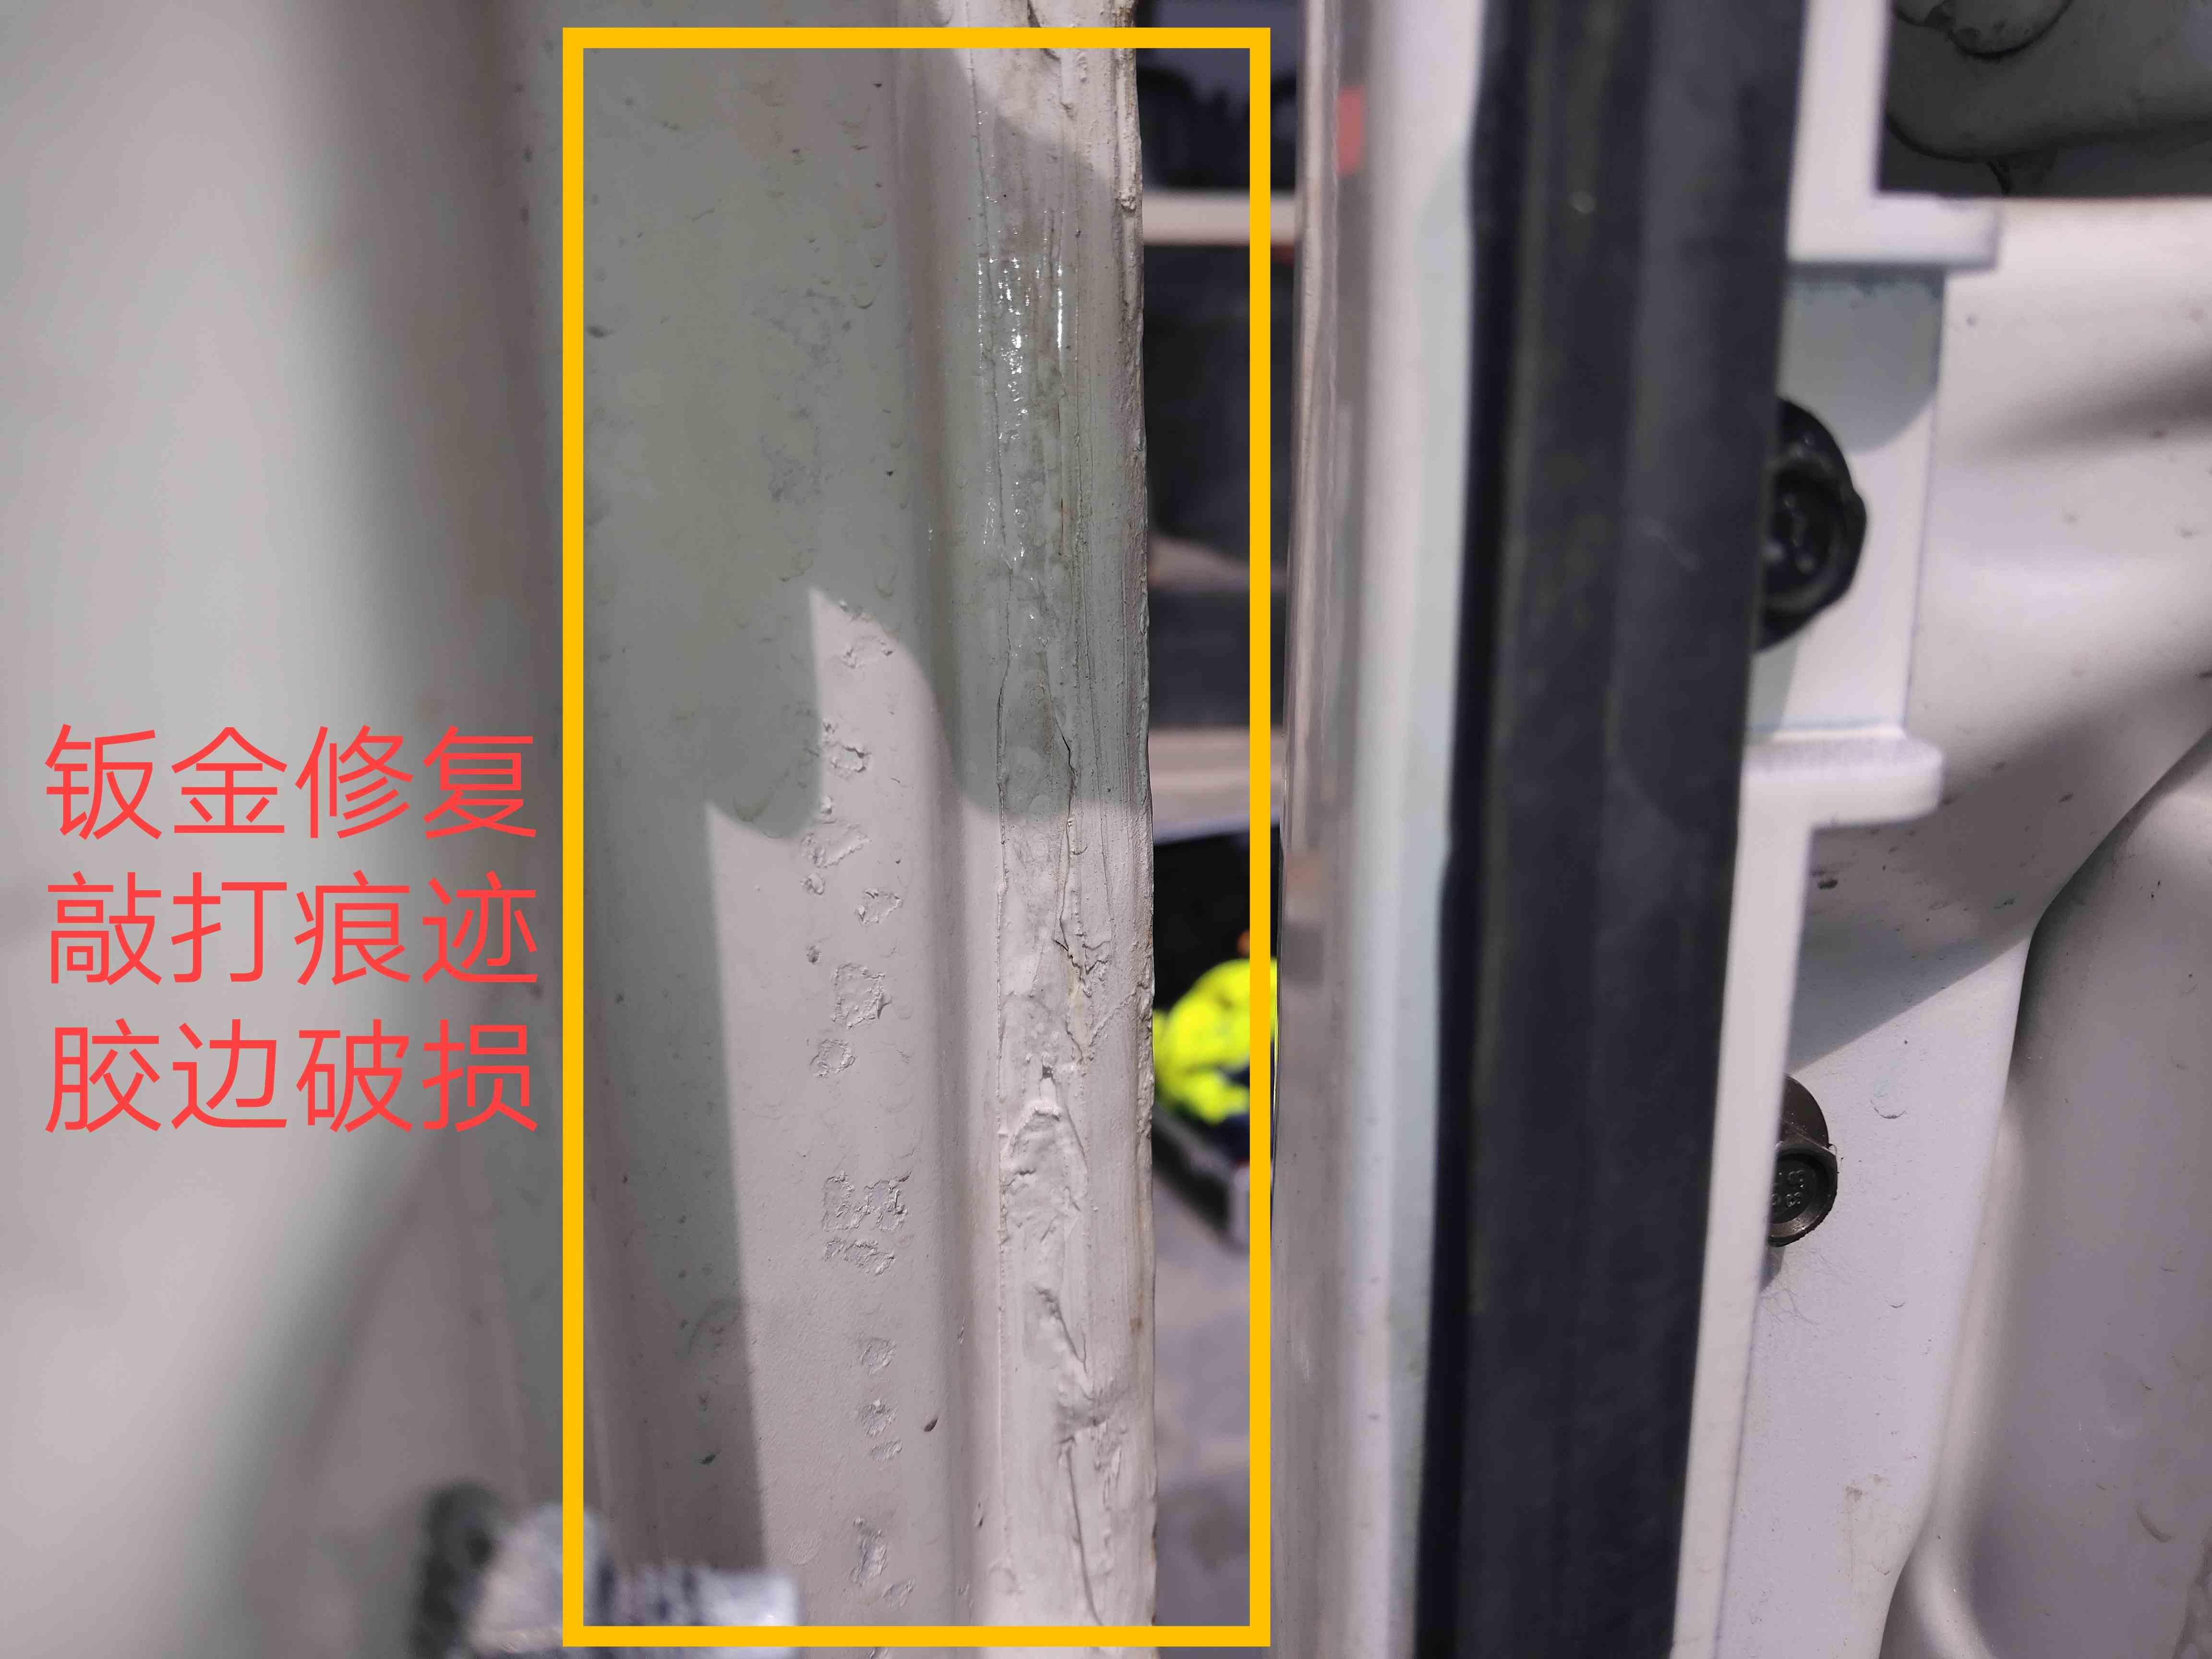 刚买的新车就发现车门漏水,没想到评估师检测后发现更多问题